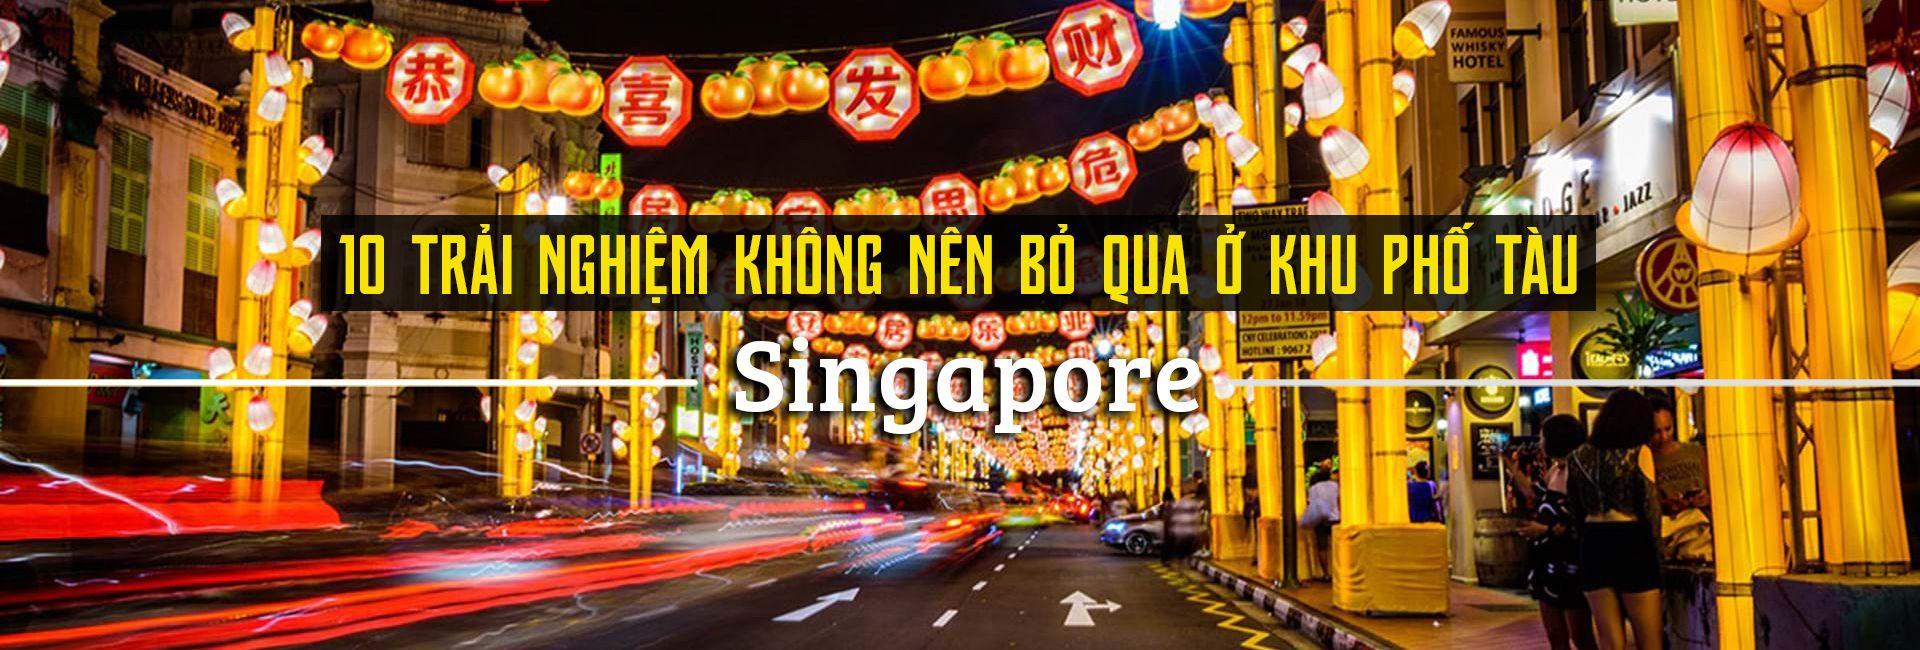 Top 10 trải nghiệm thú vị ở khu phố Tàu, Singapore